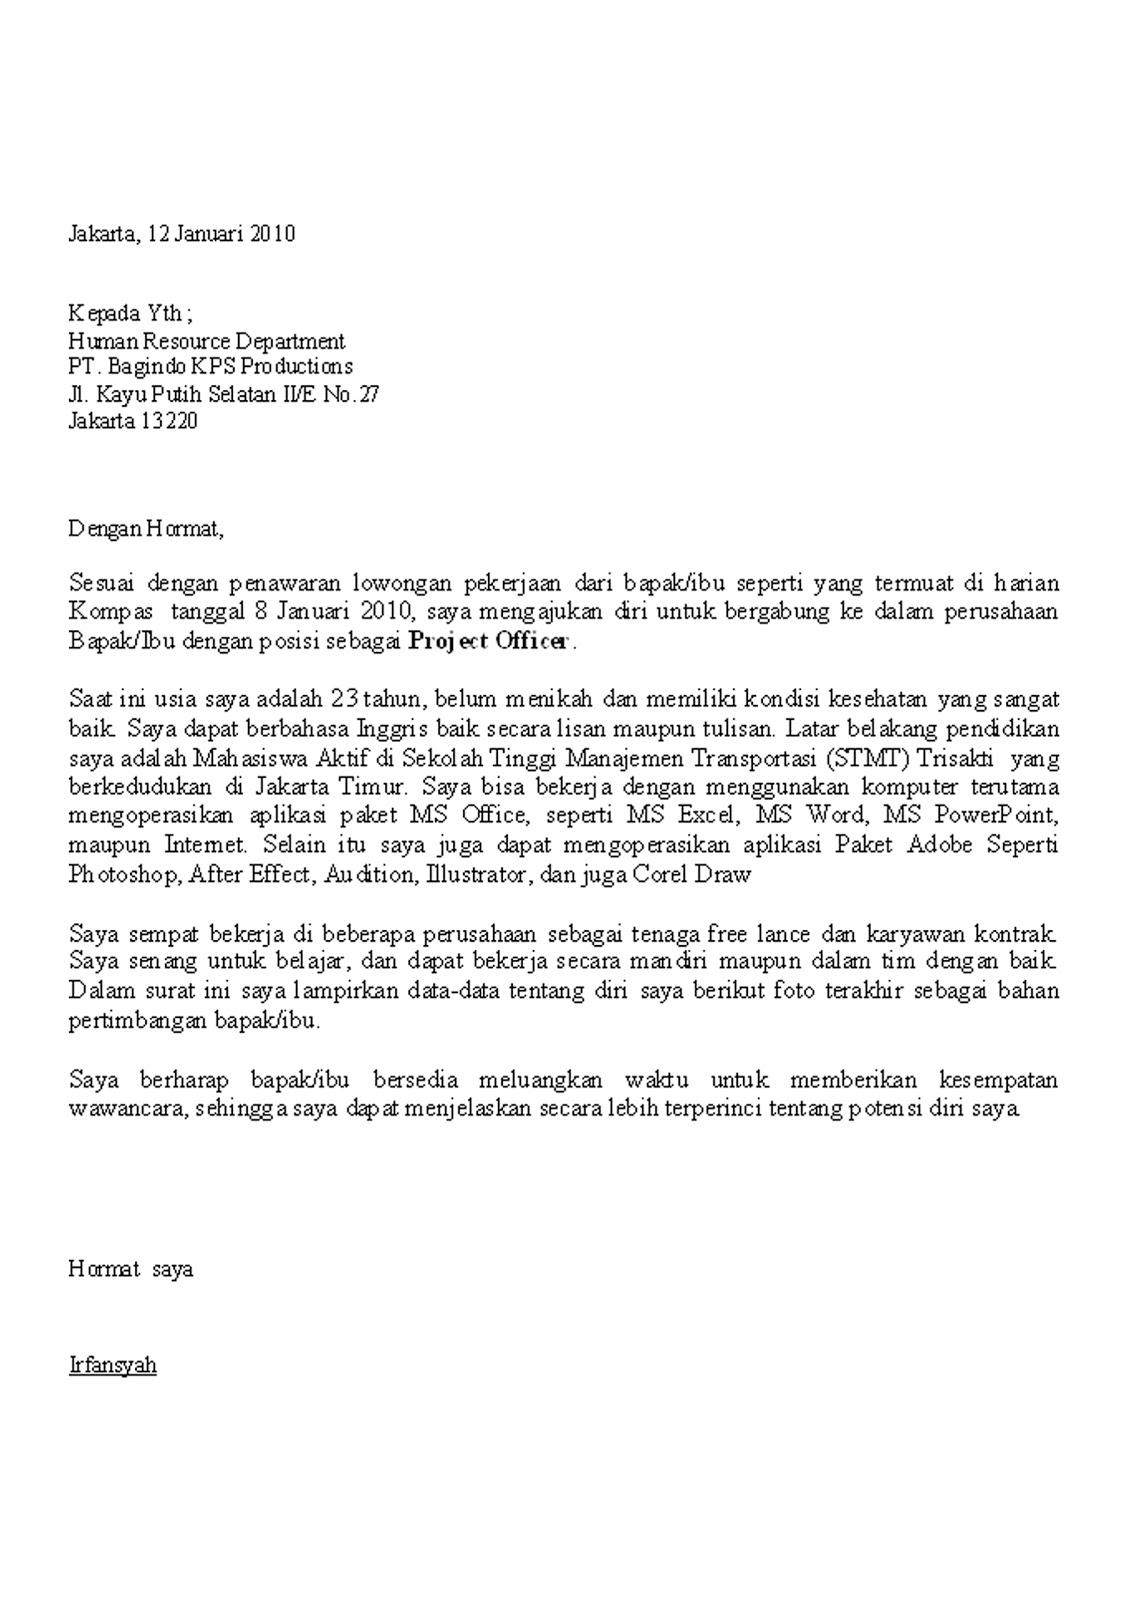 Download Contoh Surat Lamaran Kerja Online Via Email